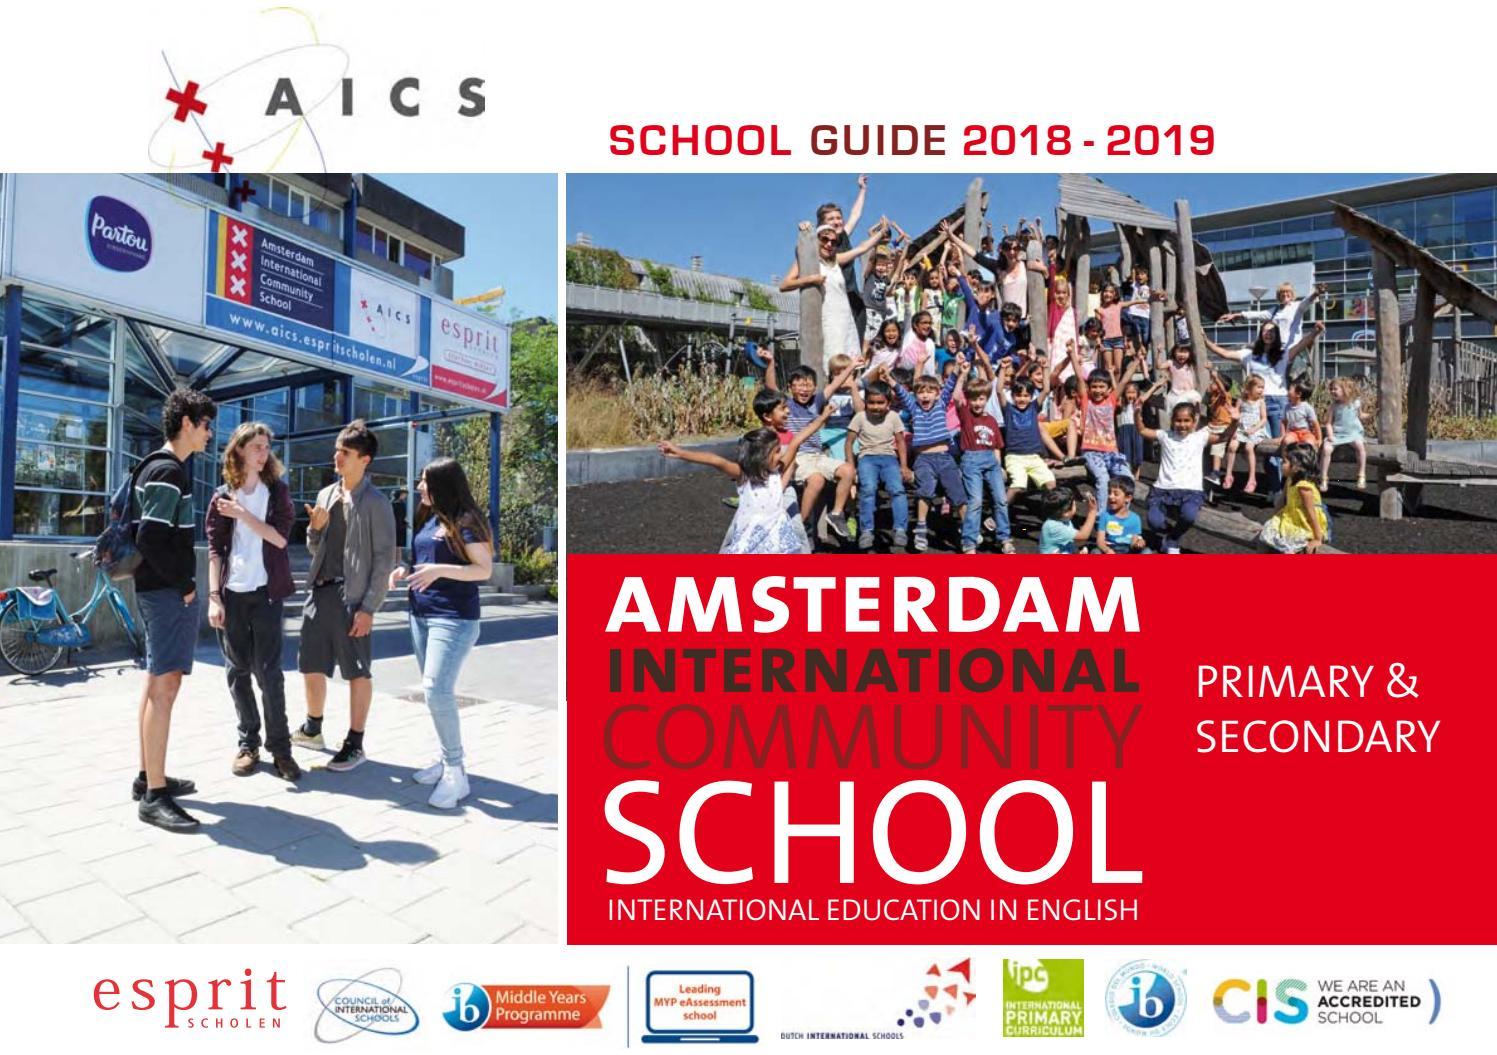 AICS School Guide 2018-2019 by Sandra Broersen - issuu